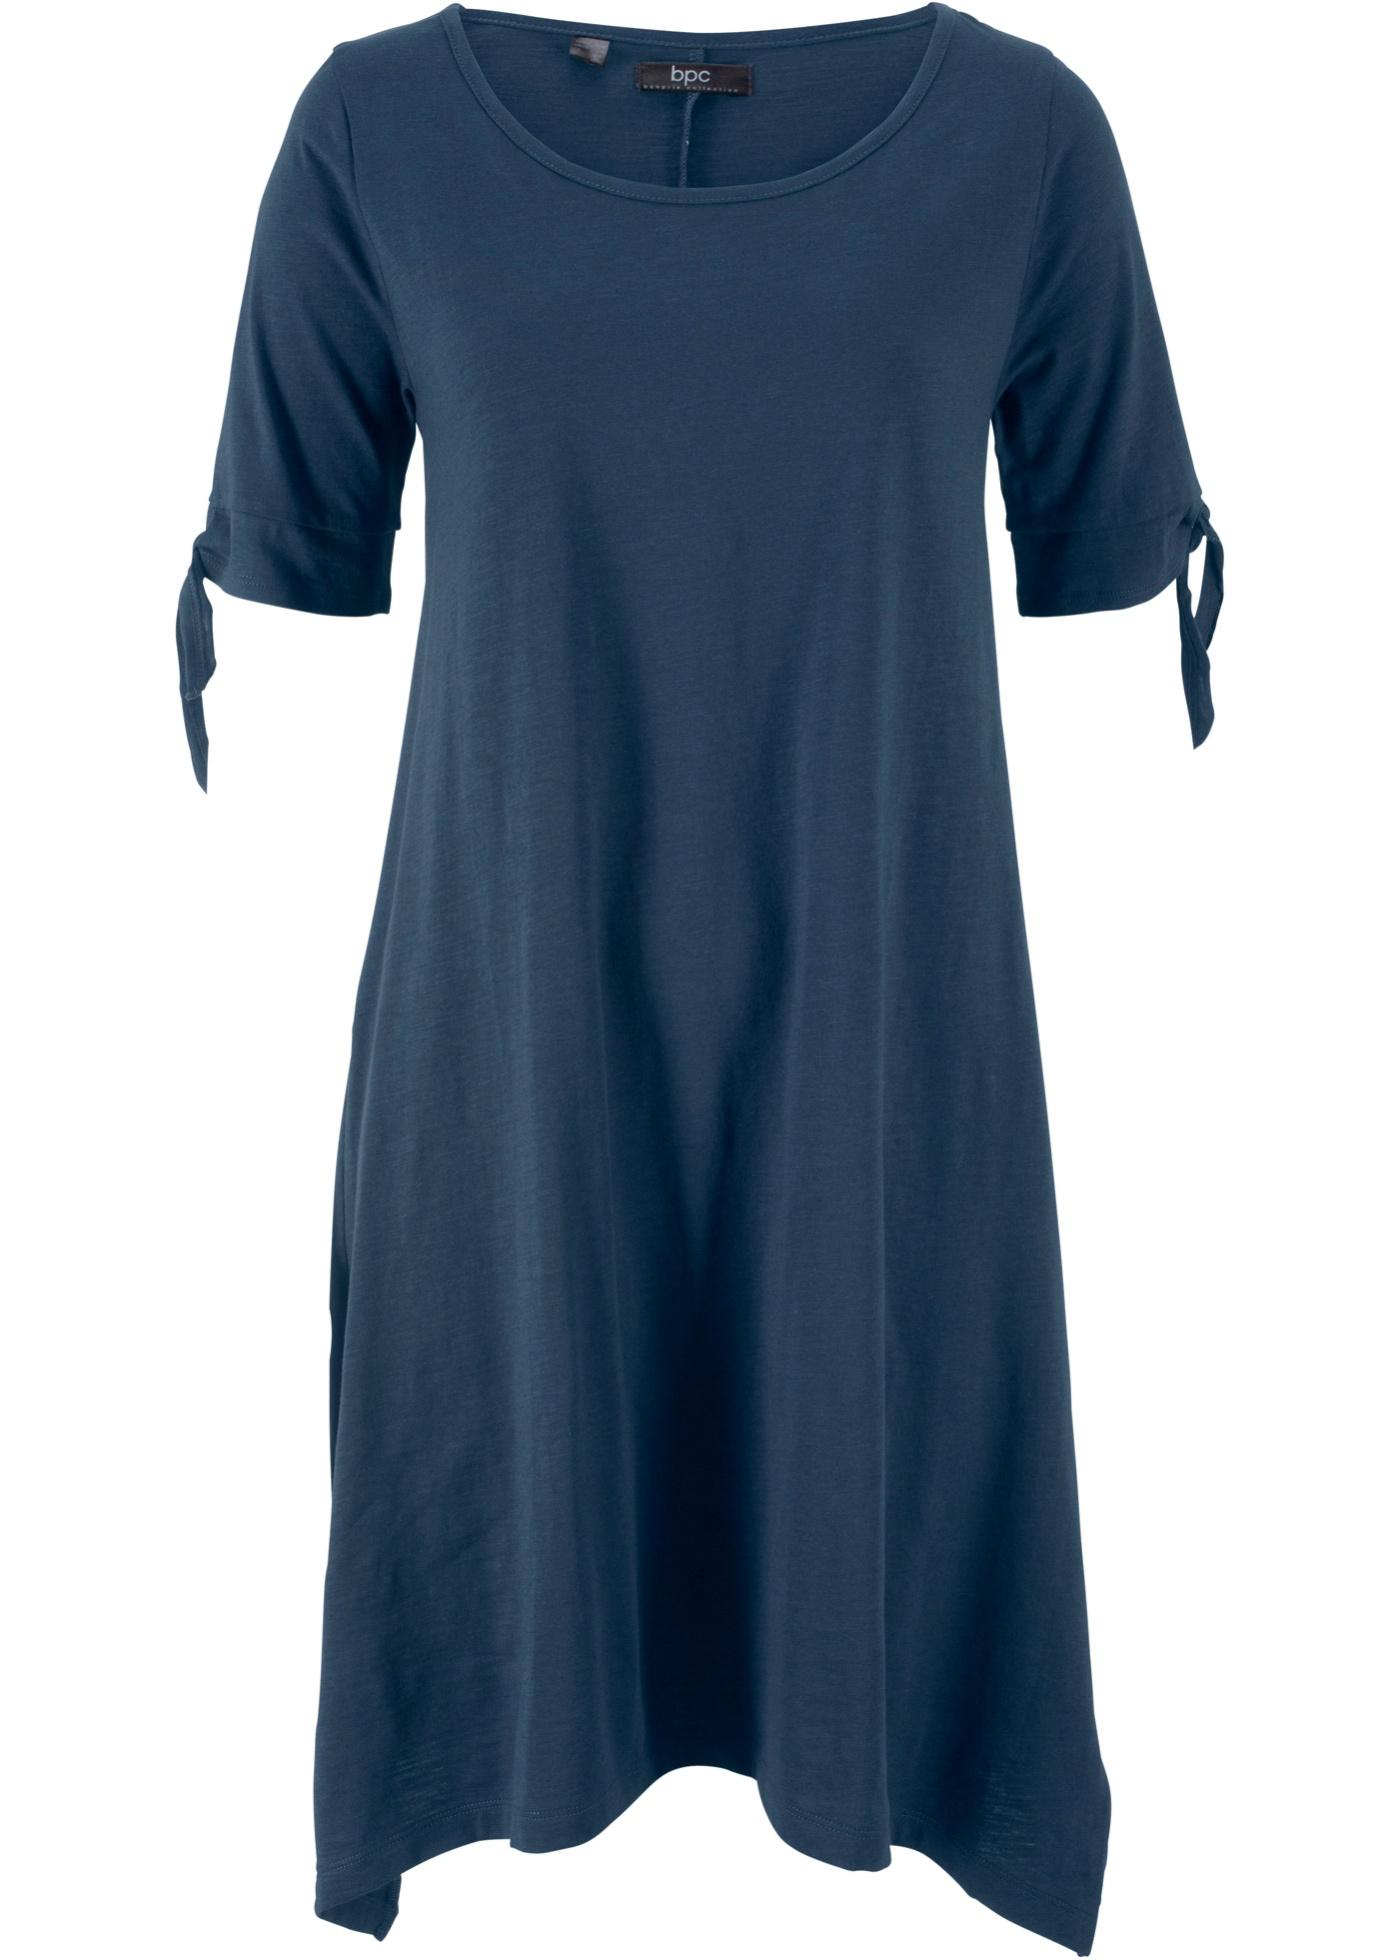 Manches Flammé Fendues Femme Bpc Courtes En Épaules D'été Avec Coton CollectionRobe Fil Bonprix Bleu Pour Jersey O0P8nkXw